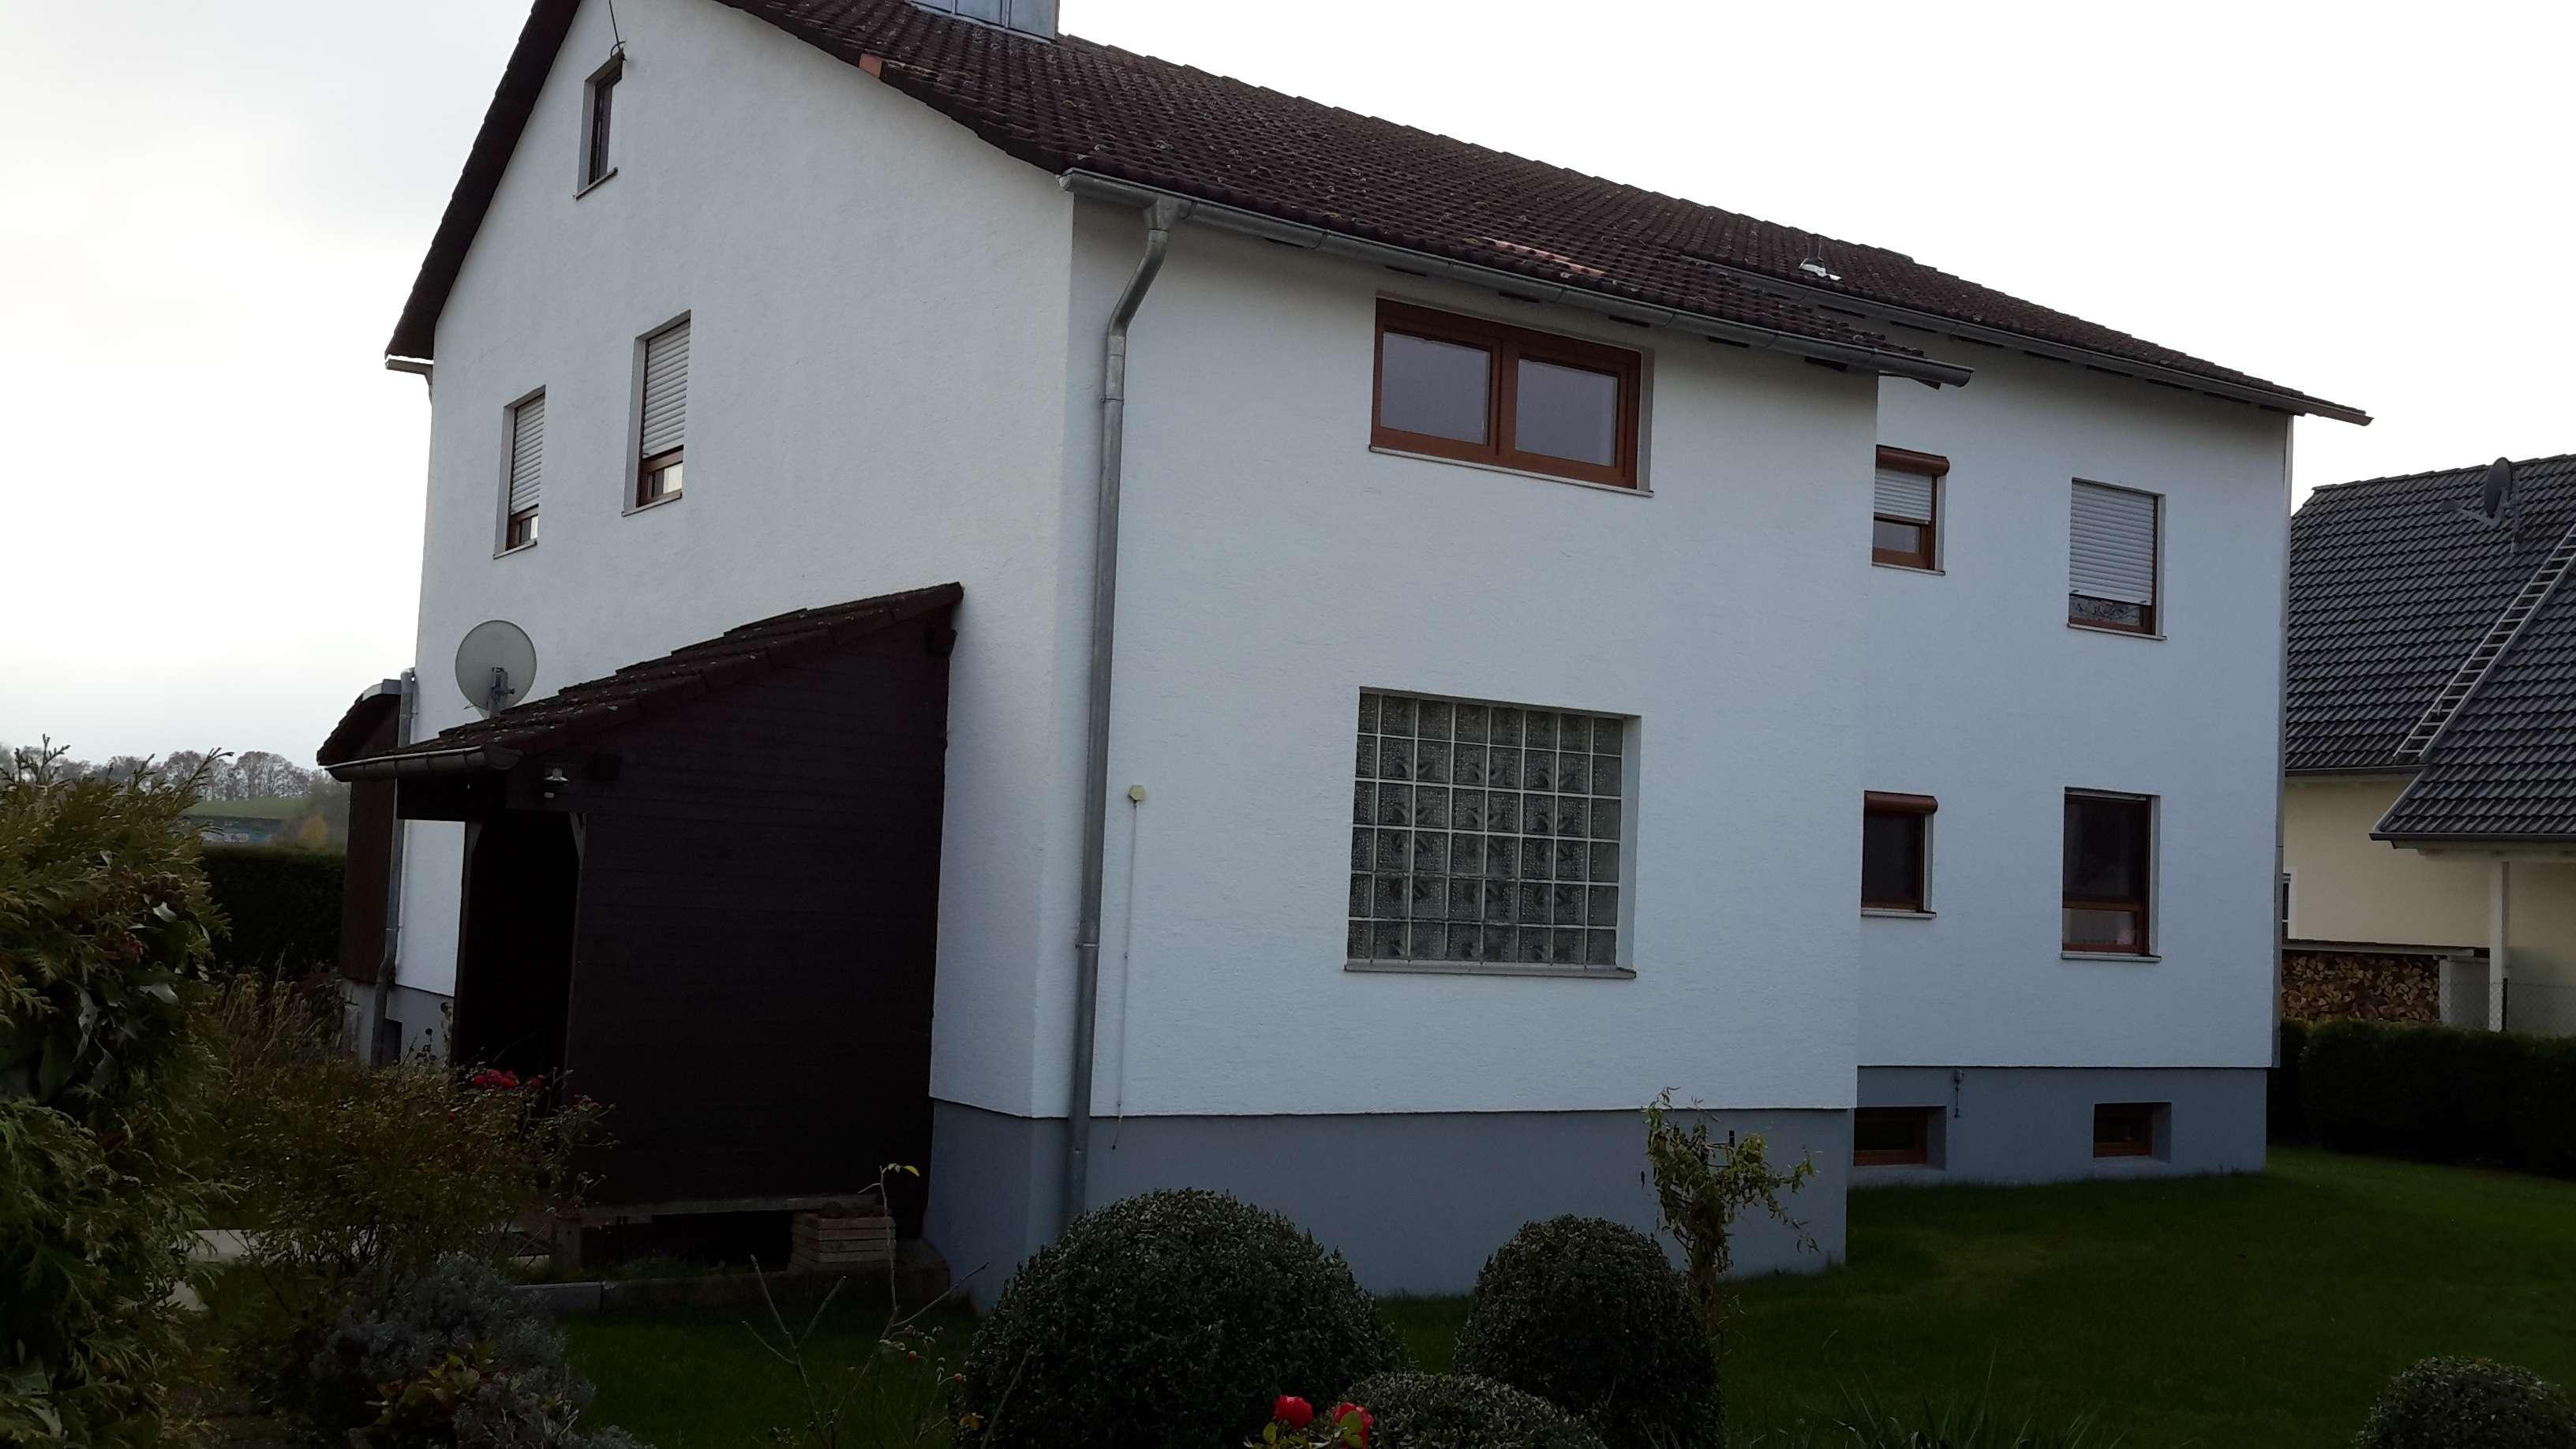 Schöne Wohnung - Kösching, Ot. Kasing, WG-geeignet in Kösching